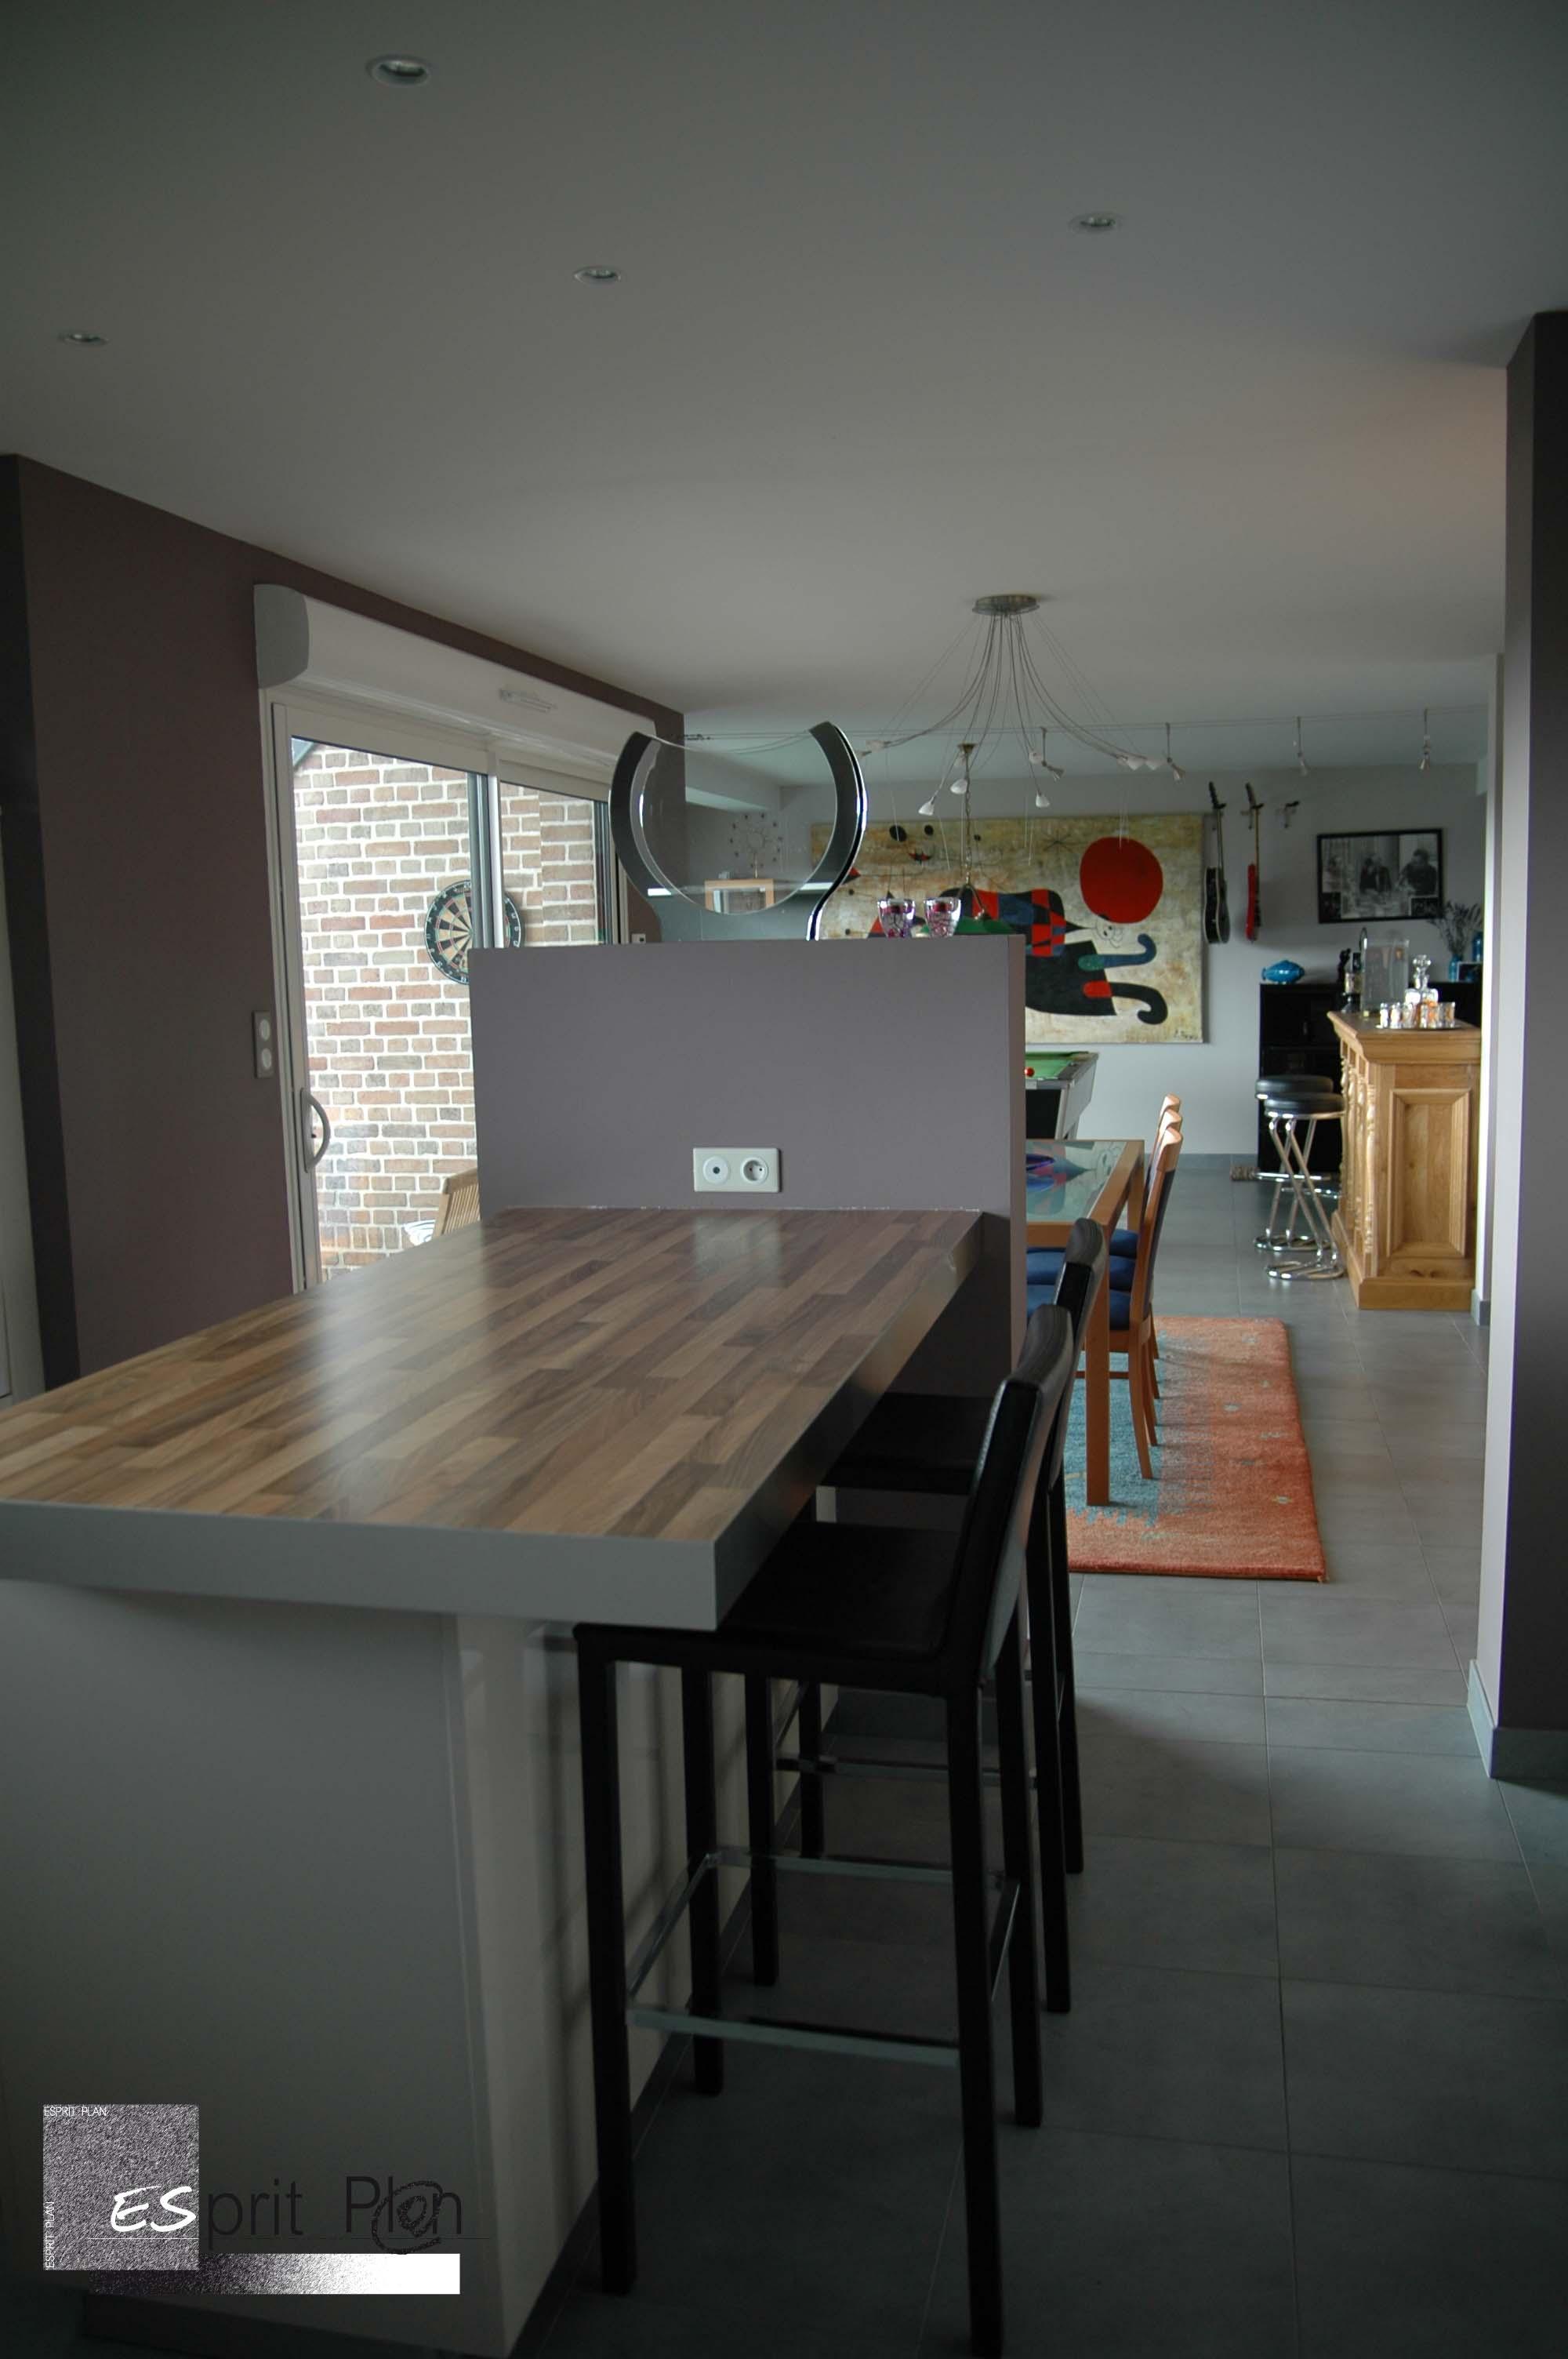 Ma triser l 39 avant projet c 39 est r ussir son projet for Interieur maison moderne cuisine